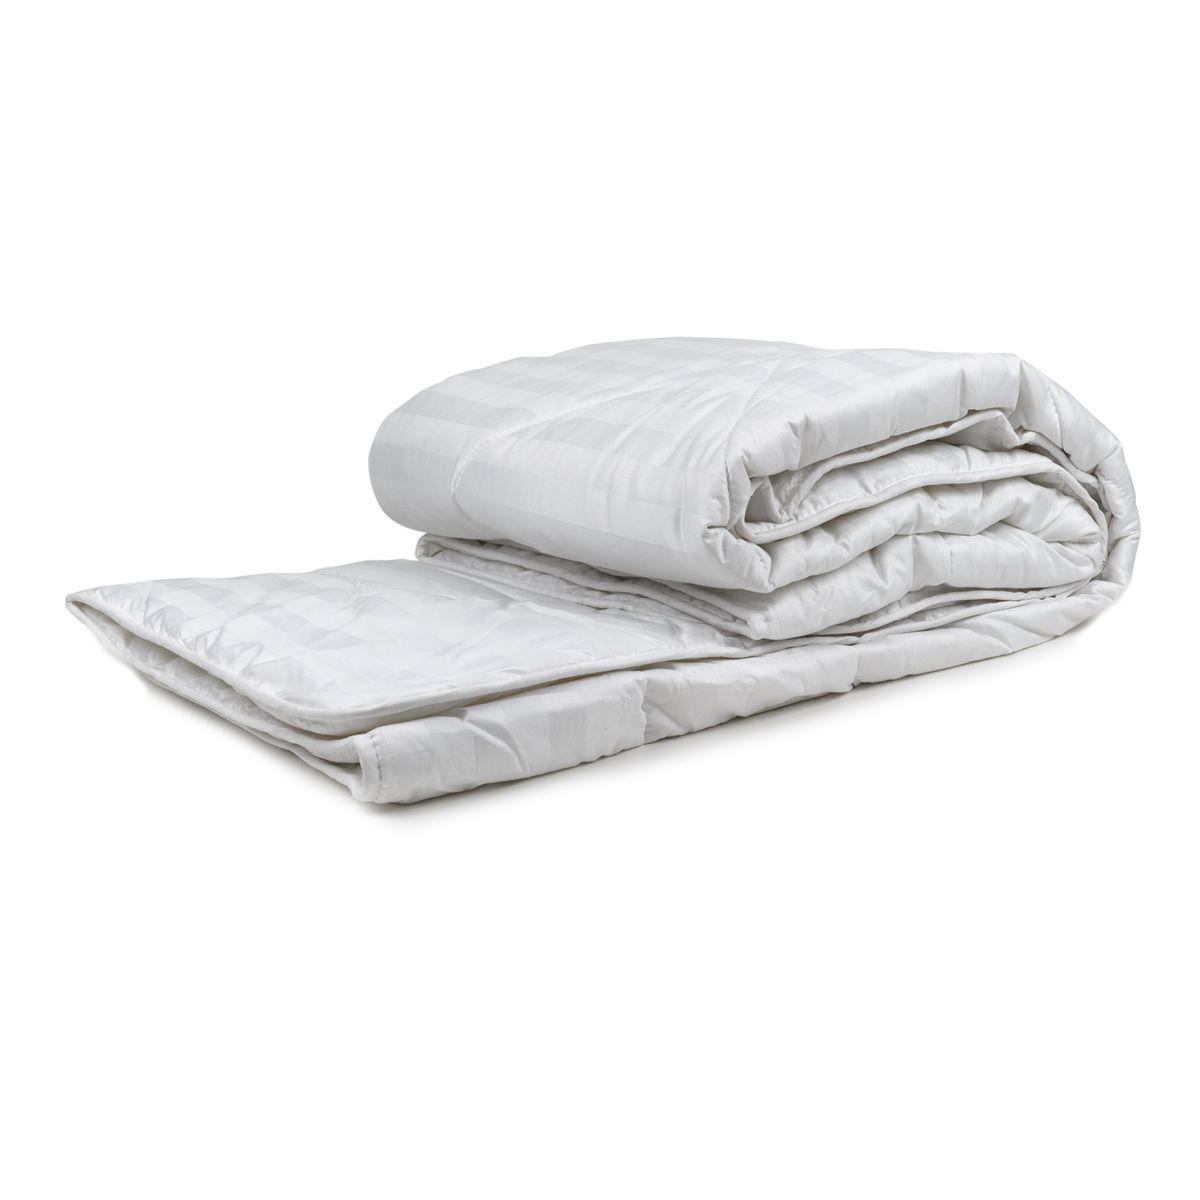 Одеяло Daily by Togas, шерстяное, 175х20044.883Шерстяное стеганое одеяло из коллекции Daily. Состав: чехол - 100% хлопок-сатин; наполнитель – овечья шерсть/полиэфирное волокно. Детали: одеяло стеганое, классический крой, кант. Цвет: экру. Размер: 175x200. Комплектация: 1 предмет. Уход: Рекомендуется чистить в соответствии с символами, указанными на лейбле. Периодически проветривайте изделие на свежем воздухе в сухую солнечную погоду. Для длительного хранения и транспортировки используйте упаковку, в которой изделие находилось при покупке.